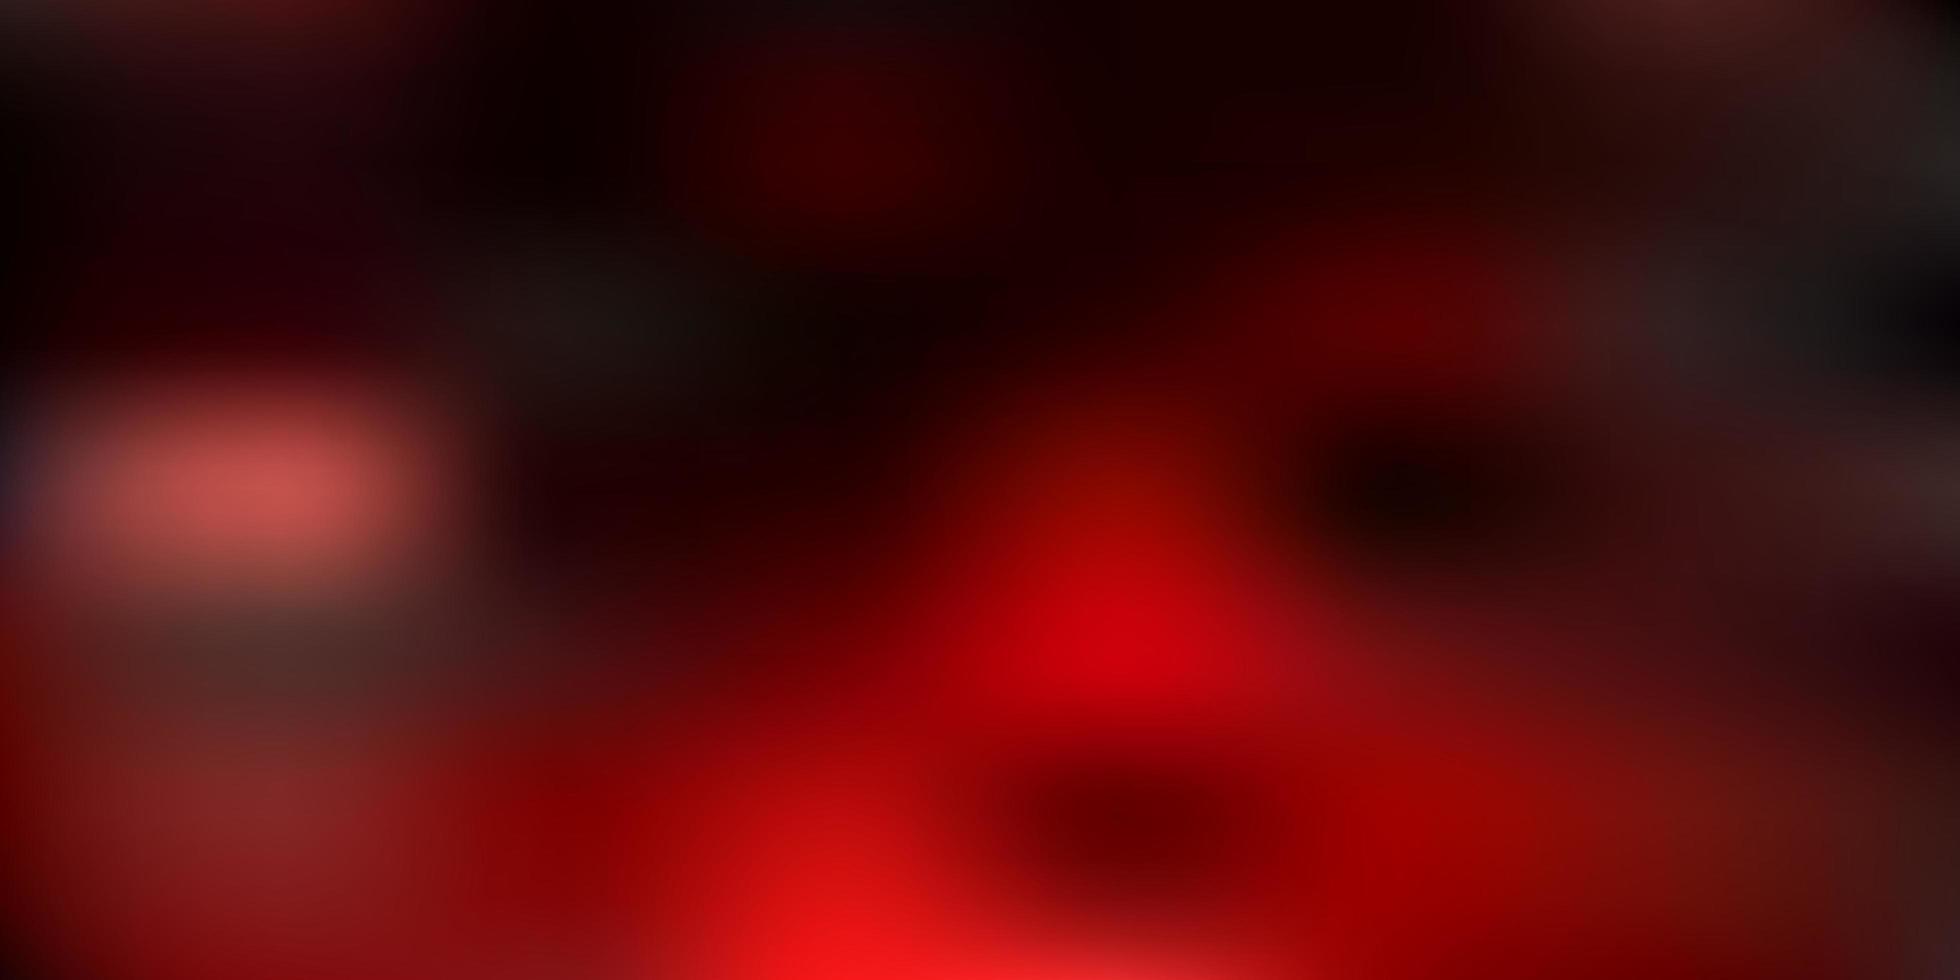 trama di sfocatura astratta vettoriale rosso scuro.